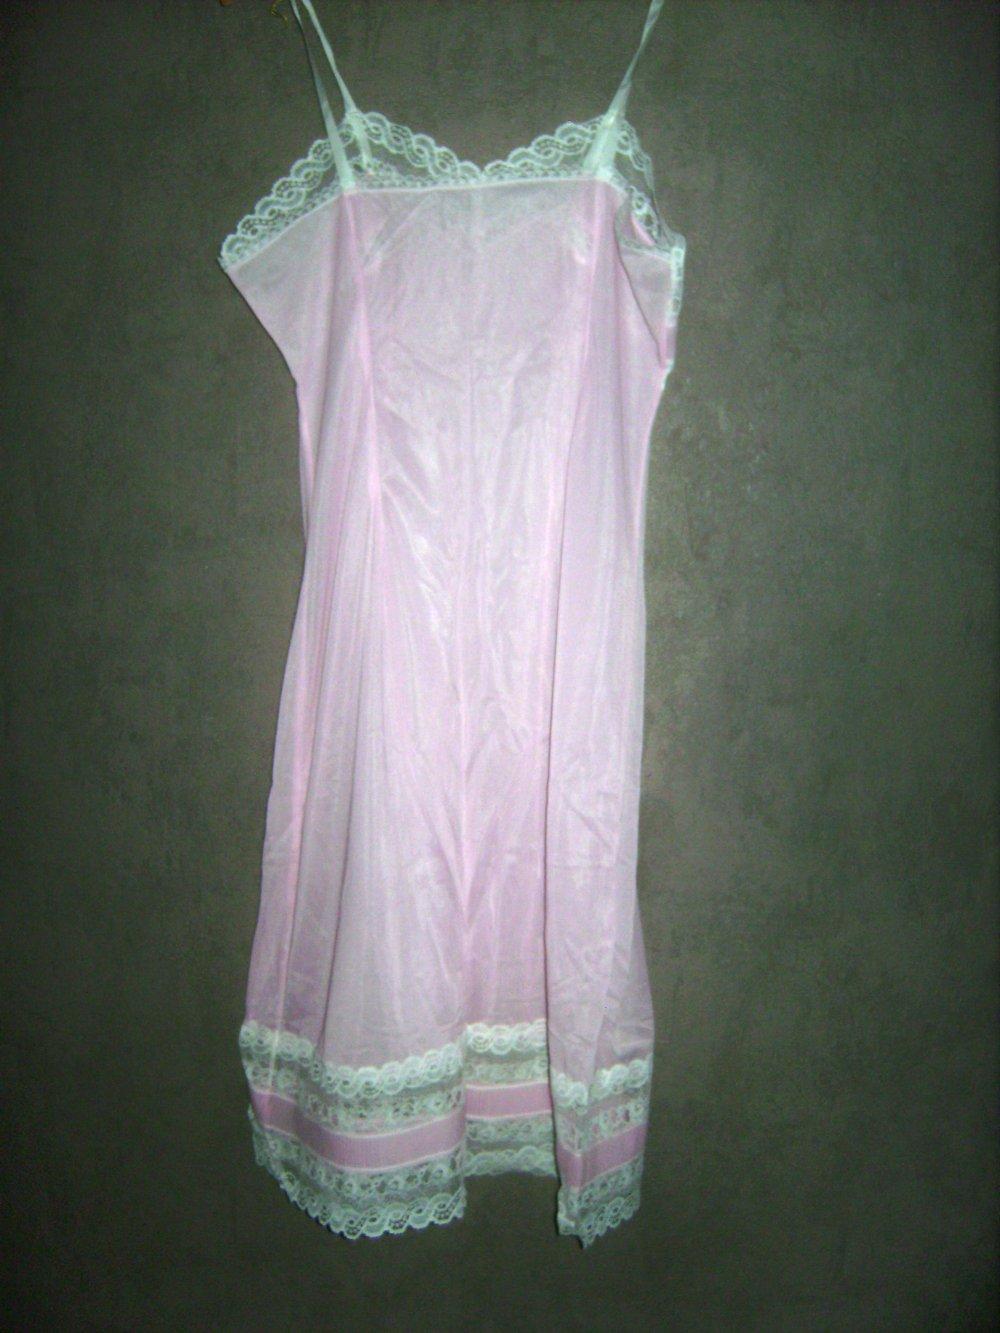 kleid knielang, trägerkleid negligeè, nachtkleid, unterkleid lolita, pliseè  mit spitze, mori,true vintage,ungetragen,rosè gr. 42,lingerie, kleid